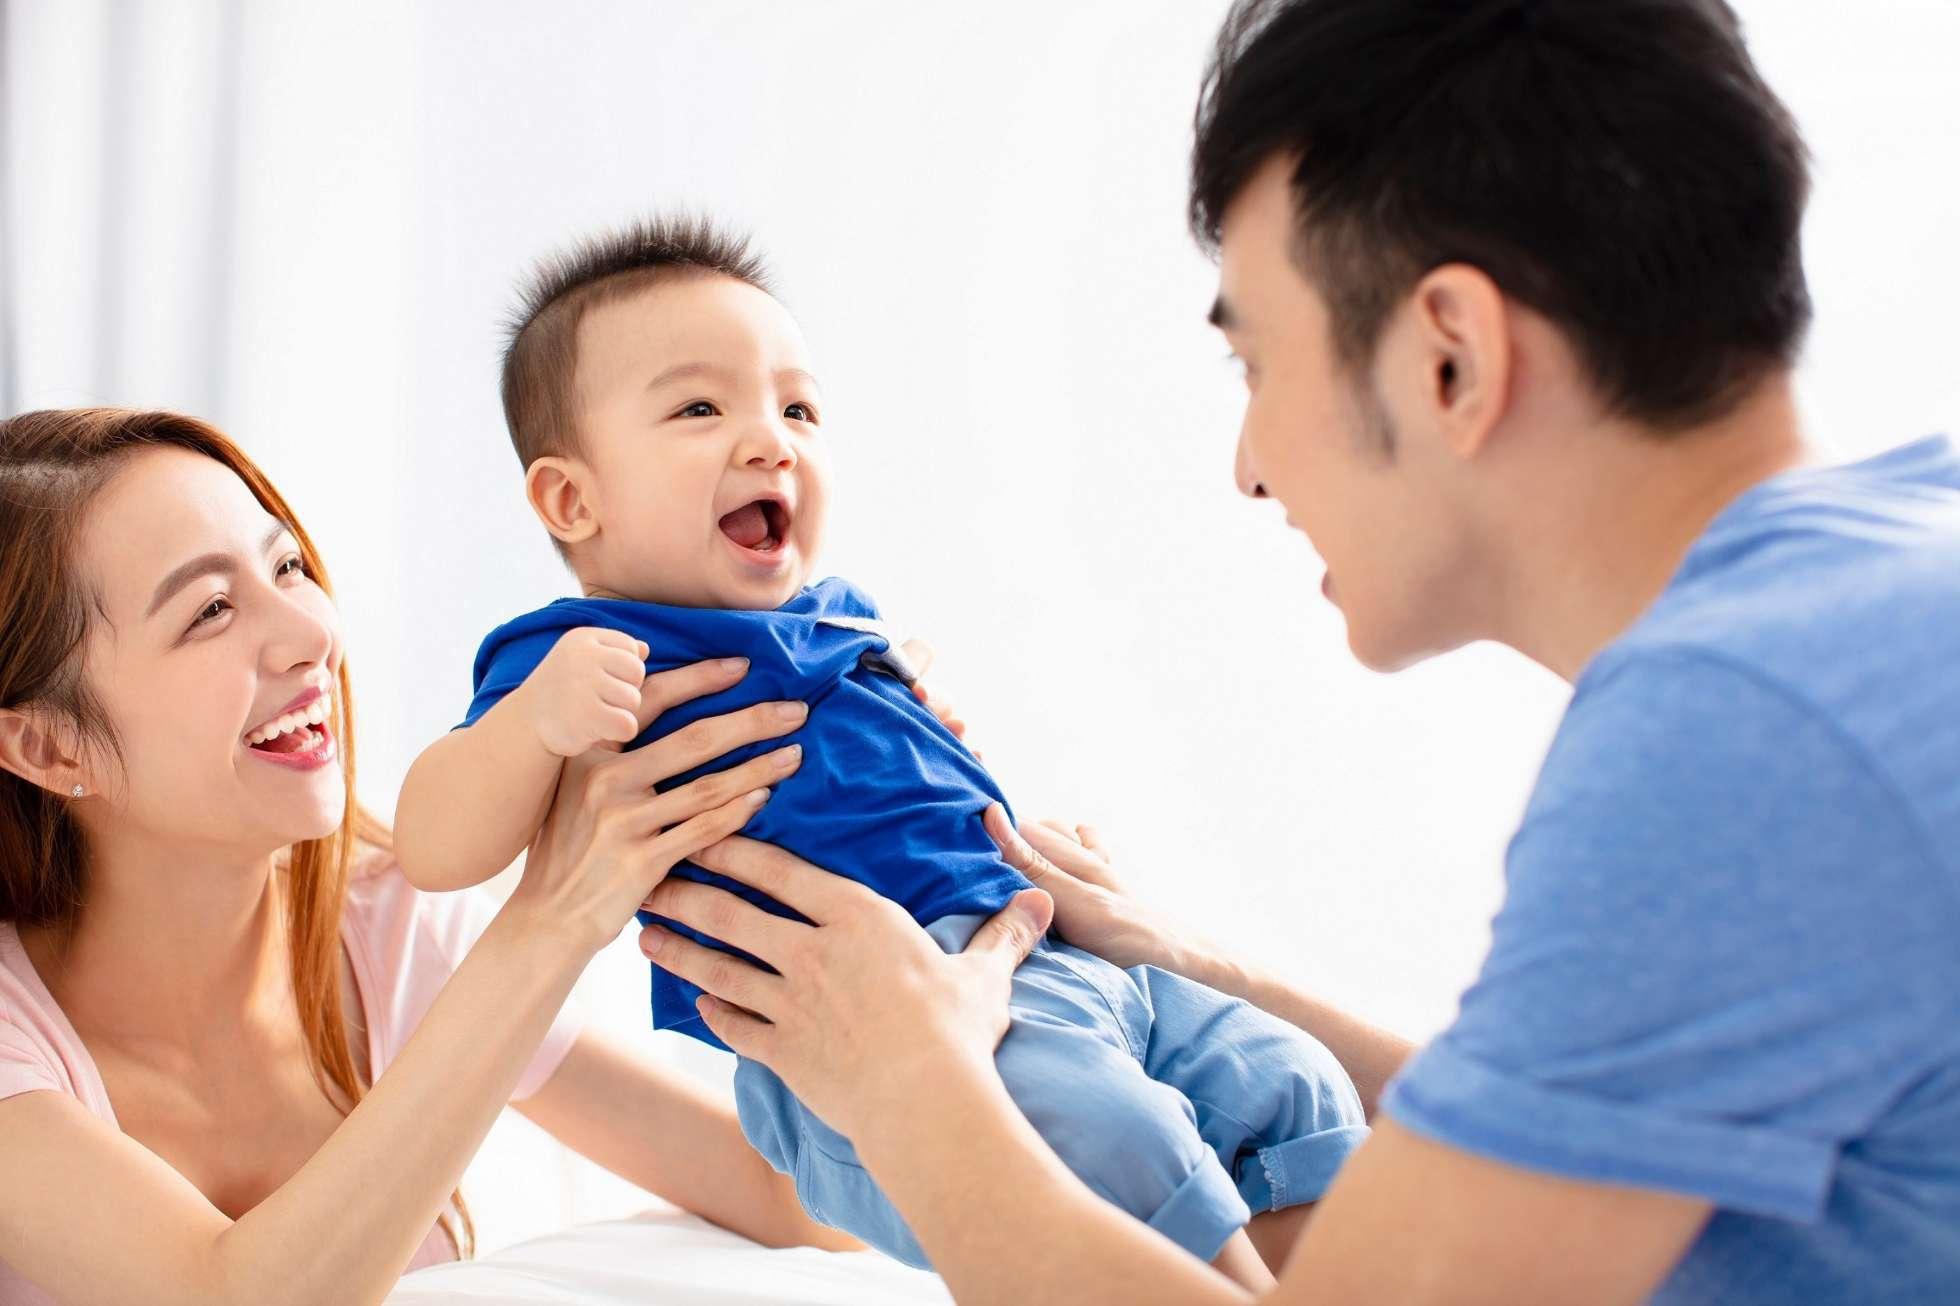 Những vật dụng để chăm sóc sức khỏe cho trẻ nhỏ mà mẹ nên biết